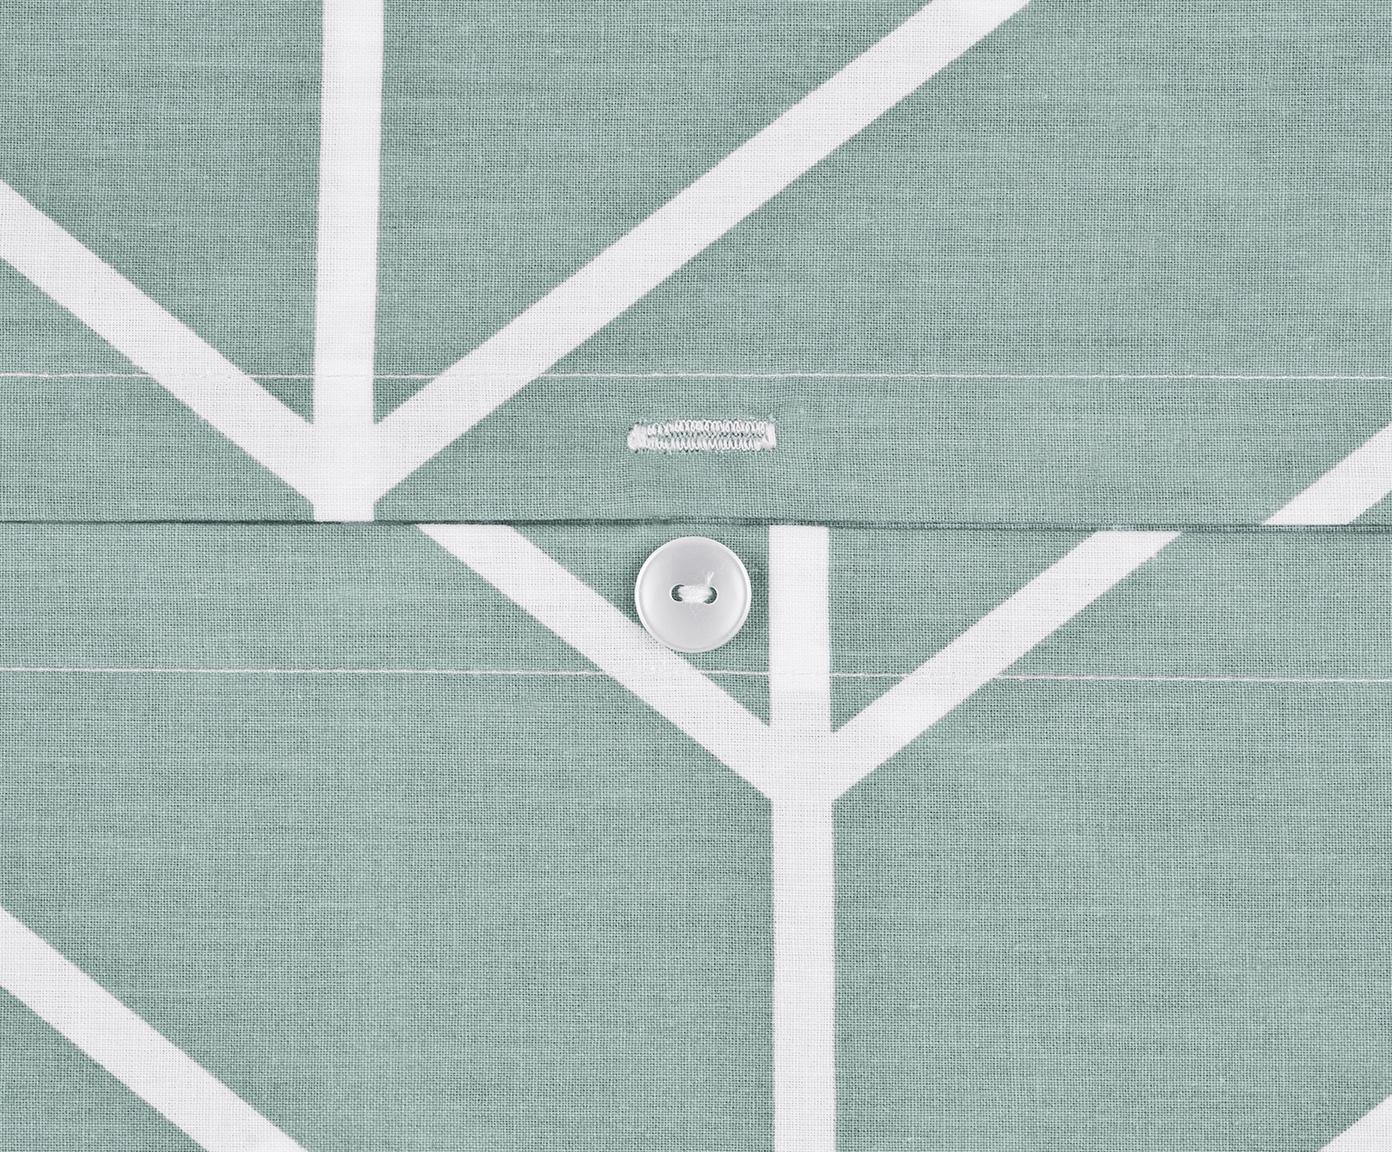 Baumwoll-Bettwäsche Mirja mit grafischem Muster, Webart: Renforcé Fadendichte 144 , Grün, Cremeweiss, 155 x 220 cm + 1 Kissen 80 x 80 cm